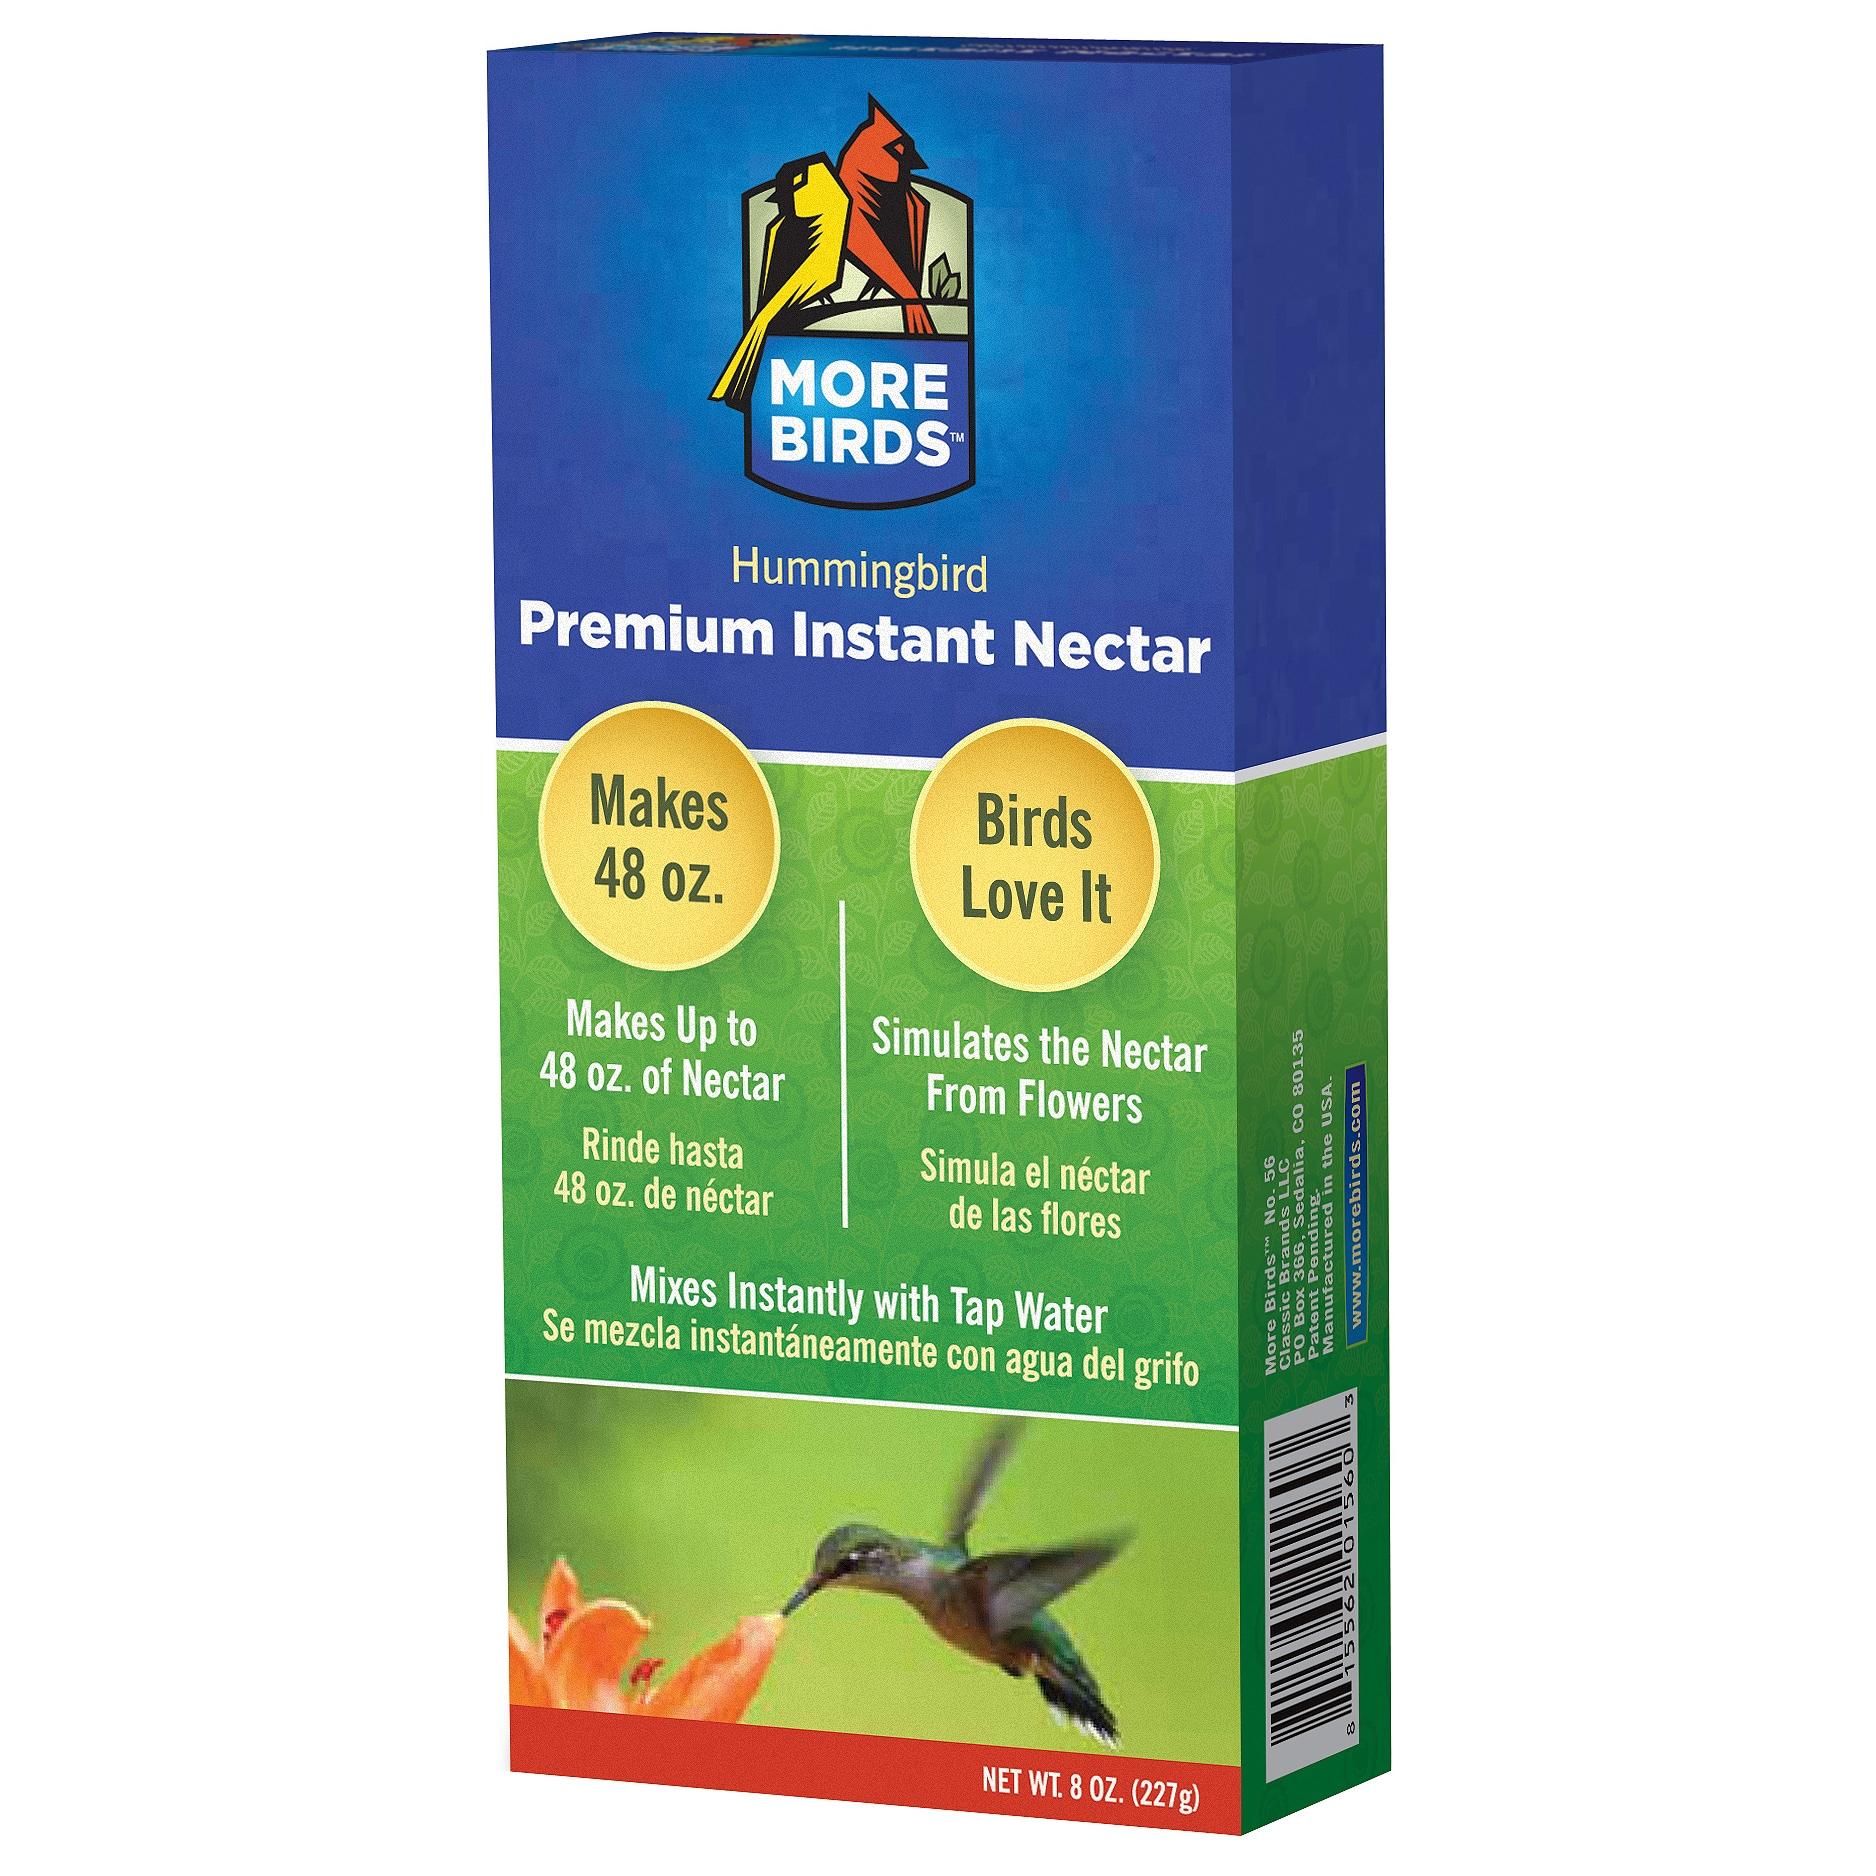 Classic Brands More Birds 8 Oz Premium Hummingbird Nectar...